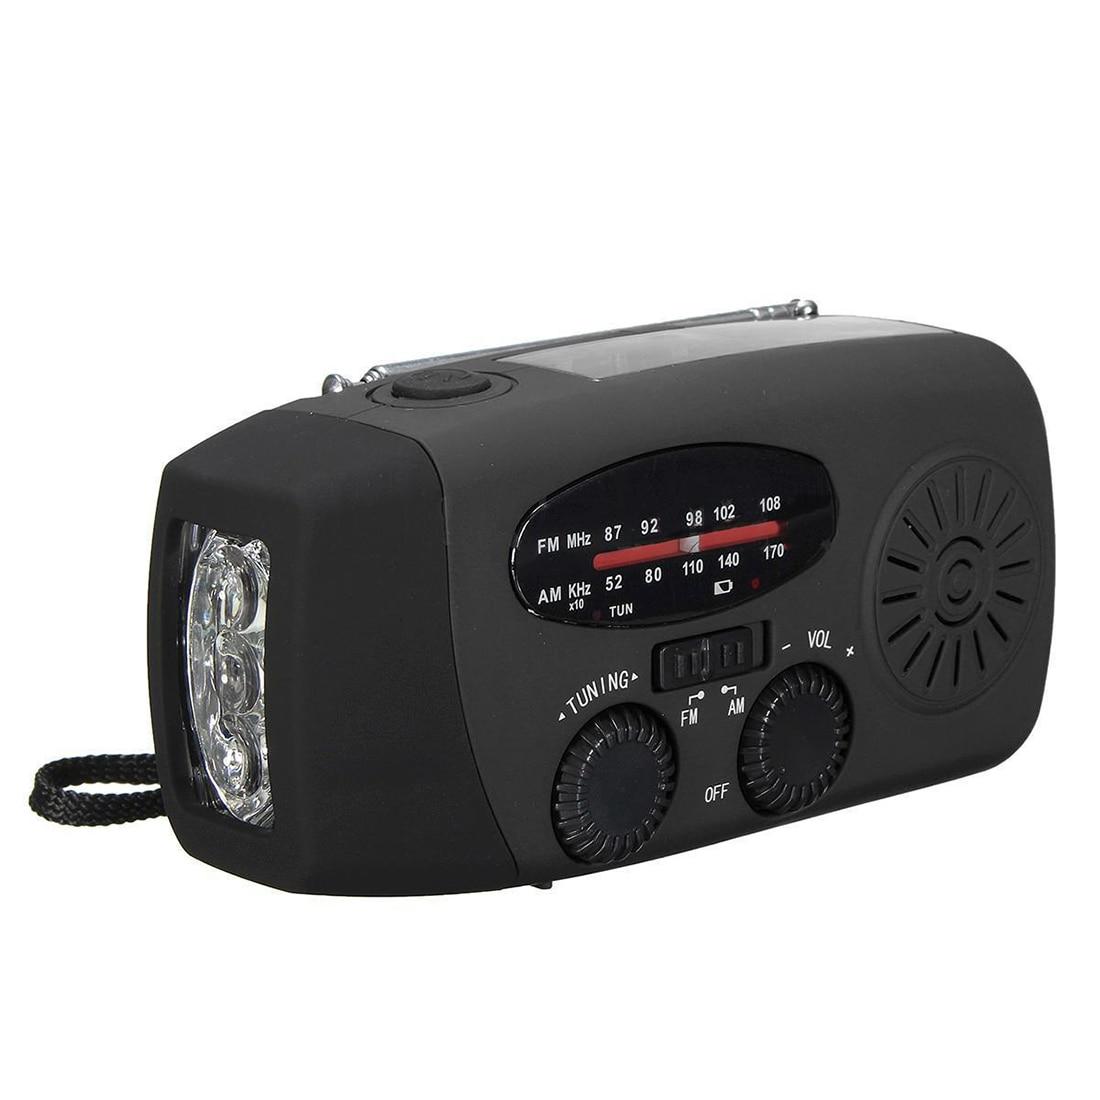 Tragbares Audio & Video Unterhaltungselektronik Wasserdichte Tragbare Handkurbel Solar Radio Am/fm 3 Led Taschenlampe Handy-ladegerät Schrumpffrei